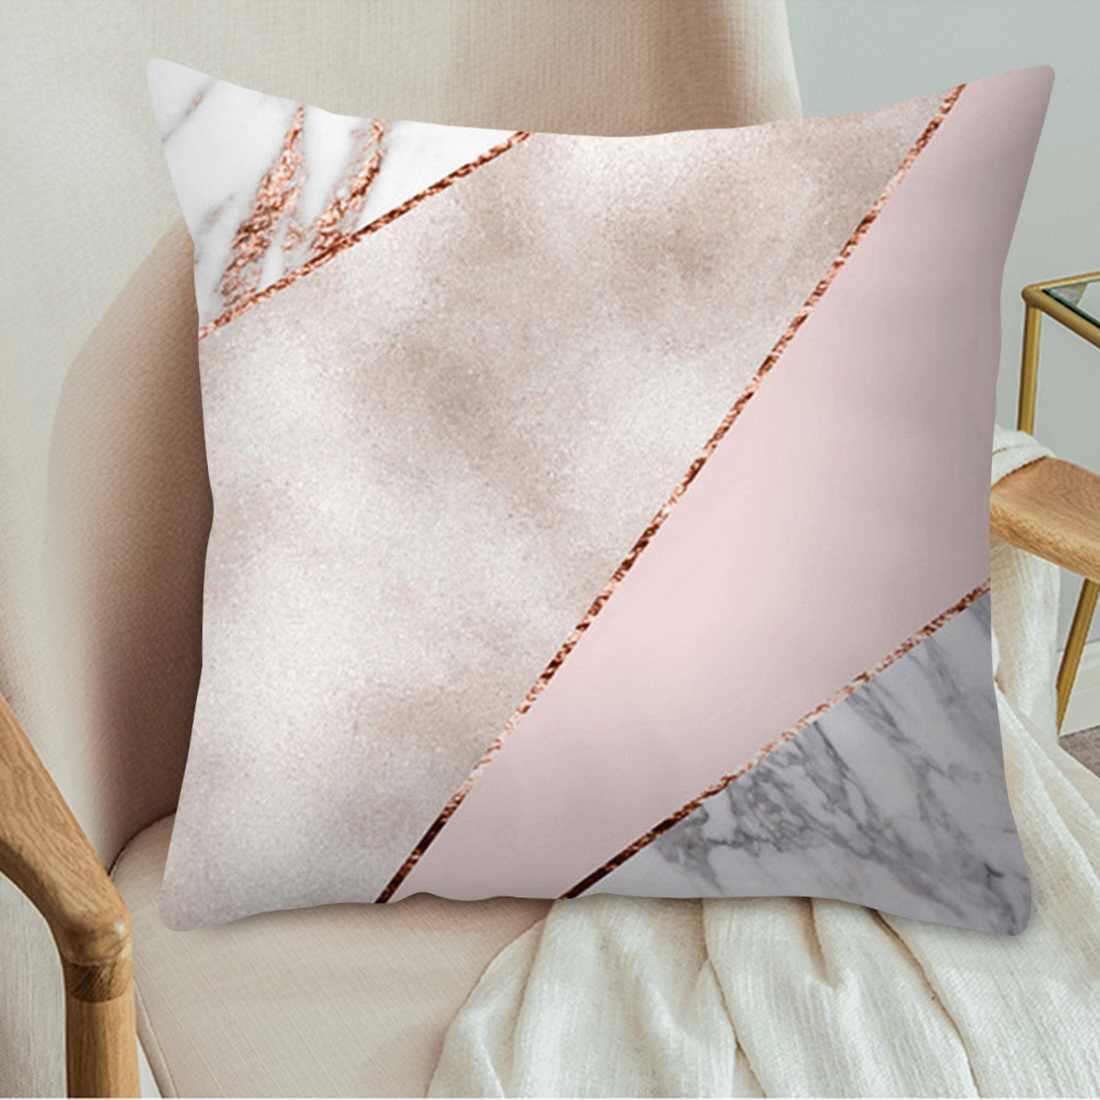 Różowe złoto kwadratowa poszewka na poduszkę geometryczna zjawiskowa poszewka na poduszkę rzut poliestrowy poszewka na poduszkę do wystroju domu 45x45cm